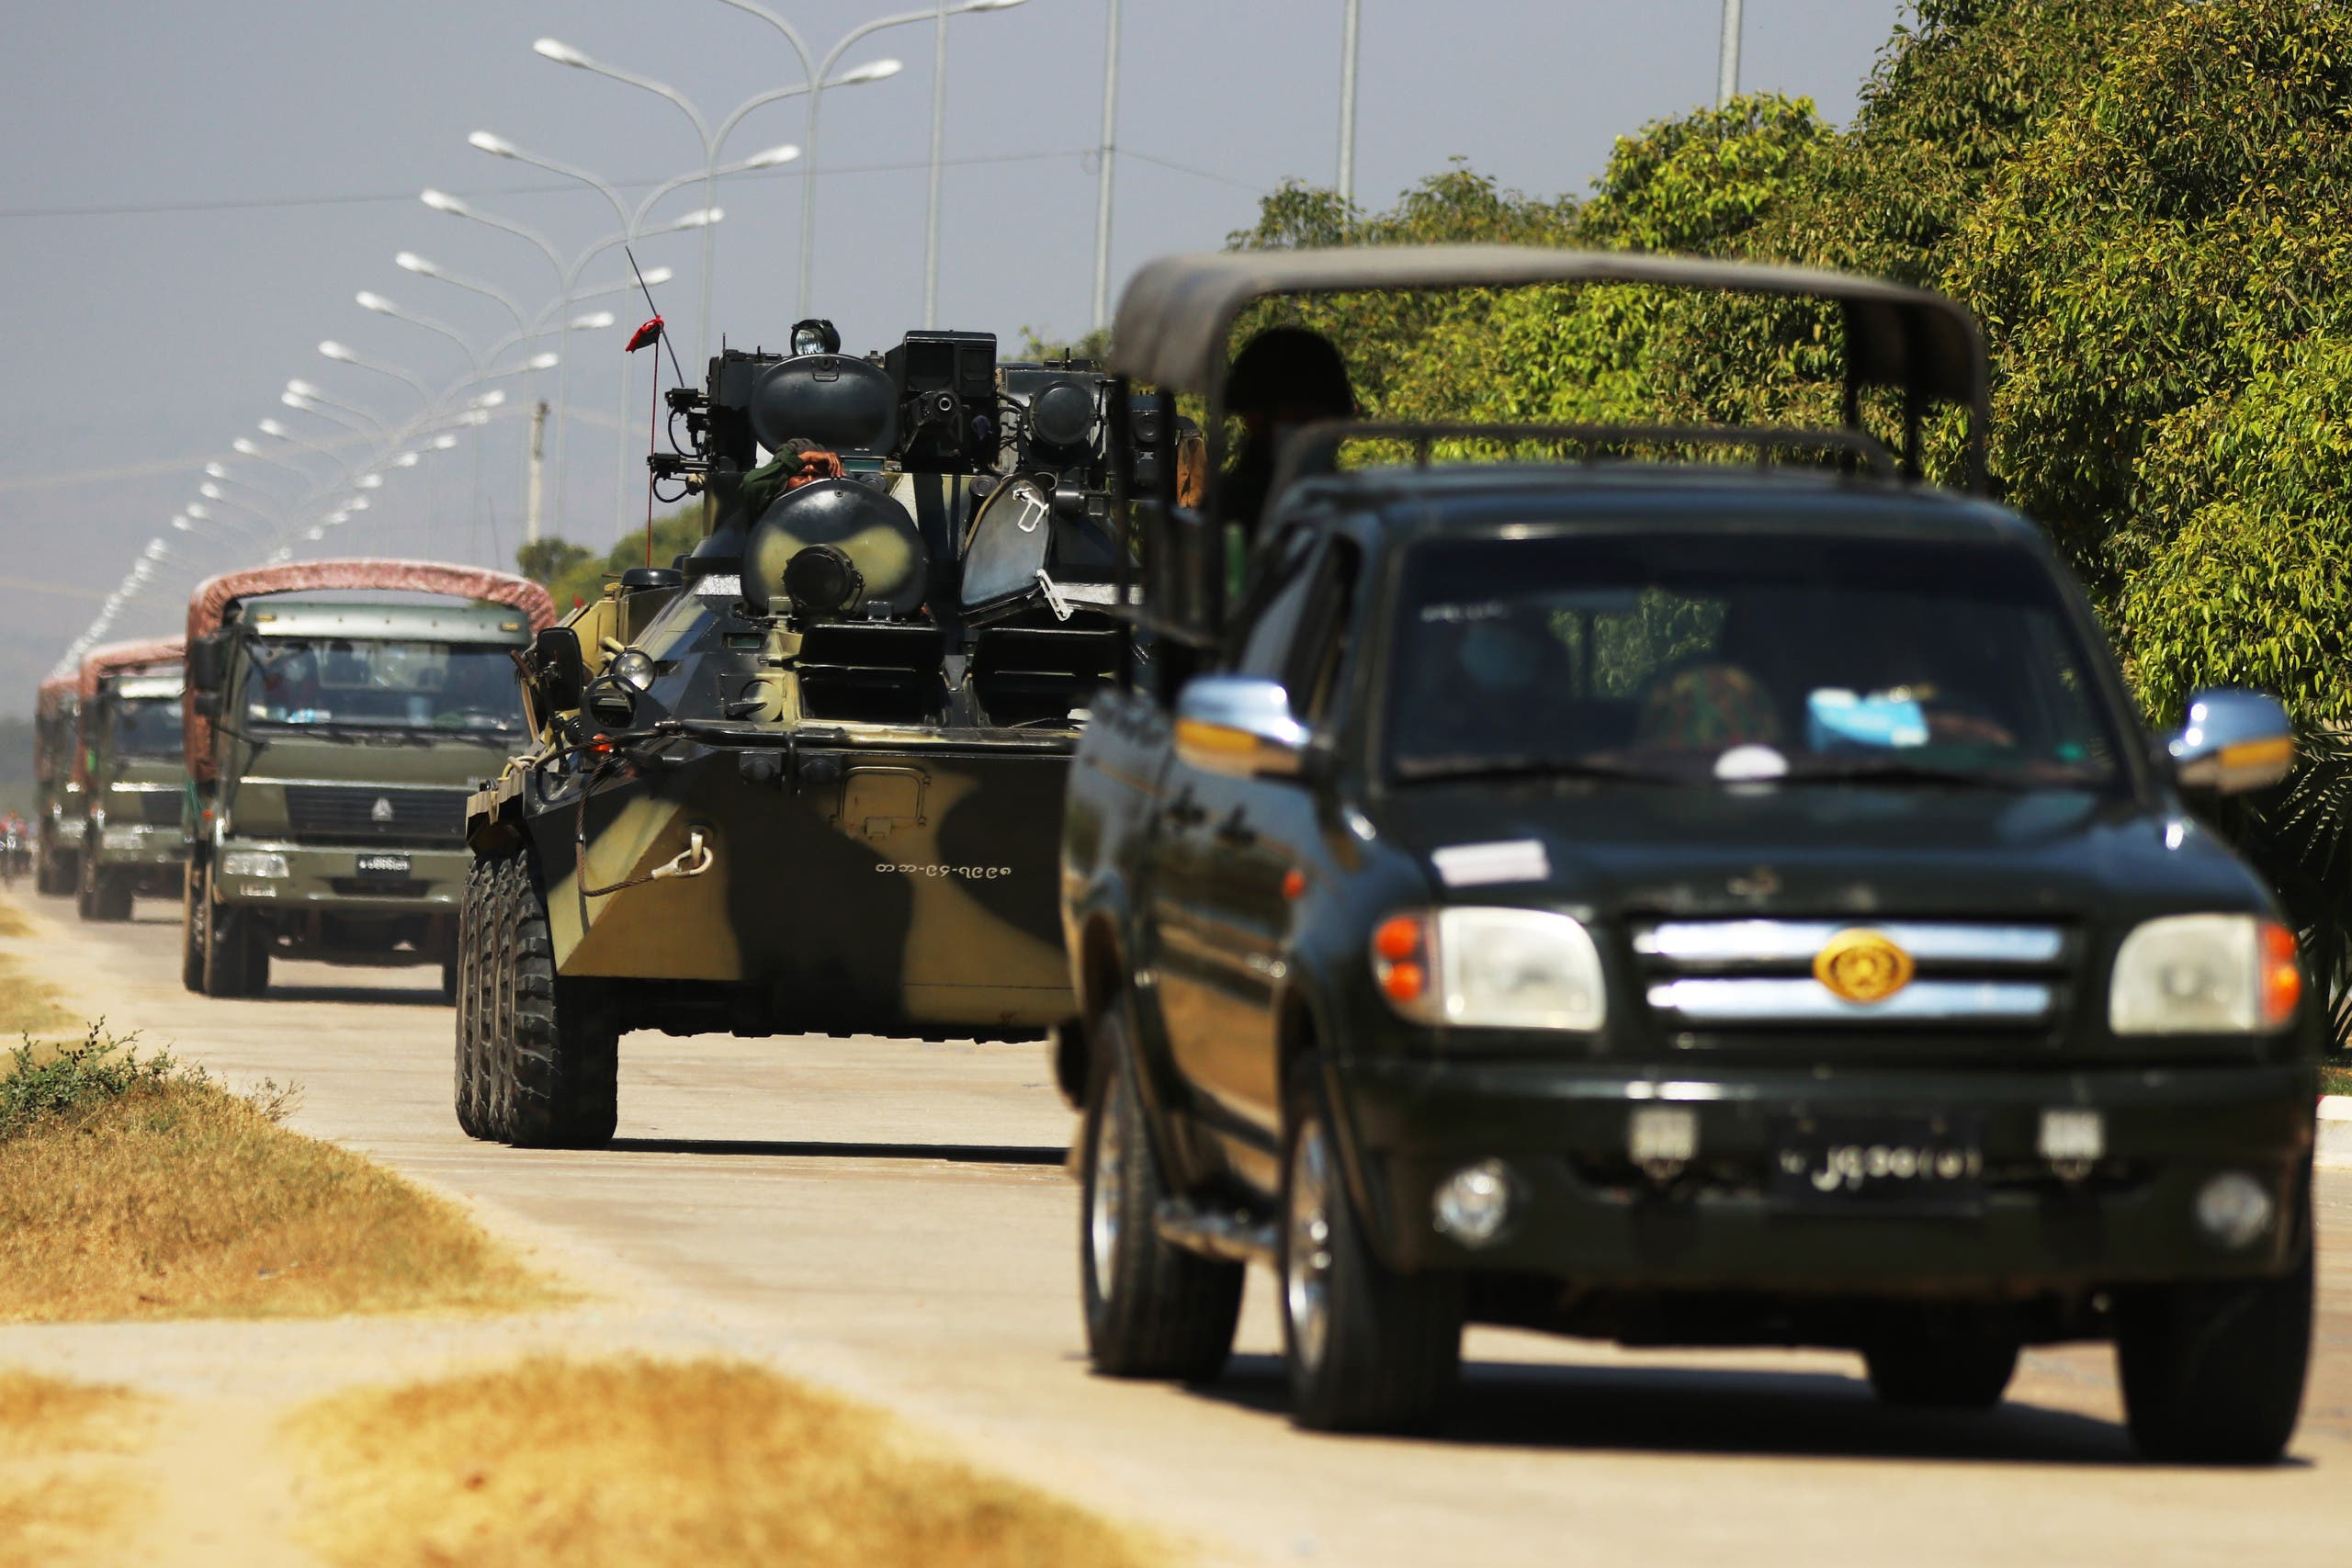 مركبات عسكرية في نايبيداو عاصمة بورما يوم 3 فبراير